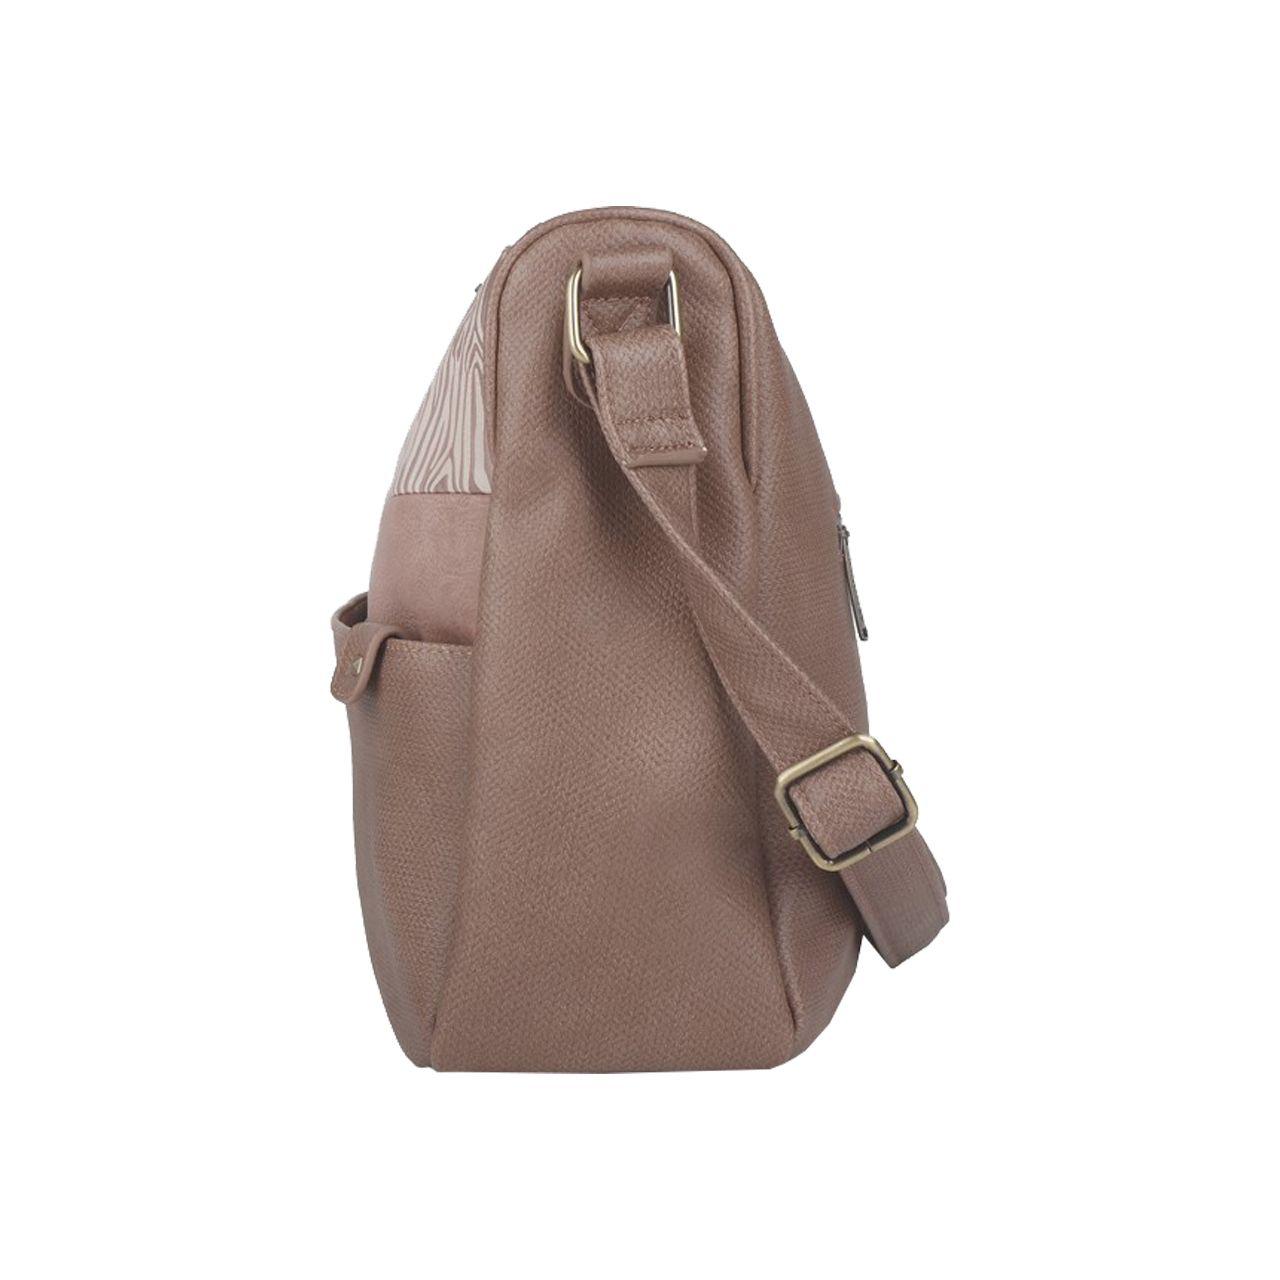 کیف دوشی زنانه گابل مدل Kenia 538512 -  - 3